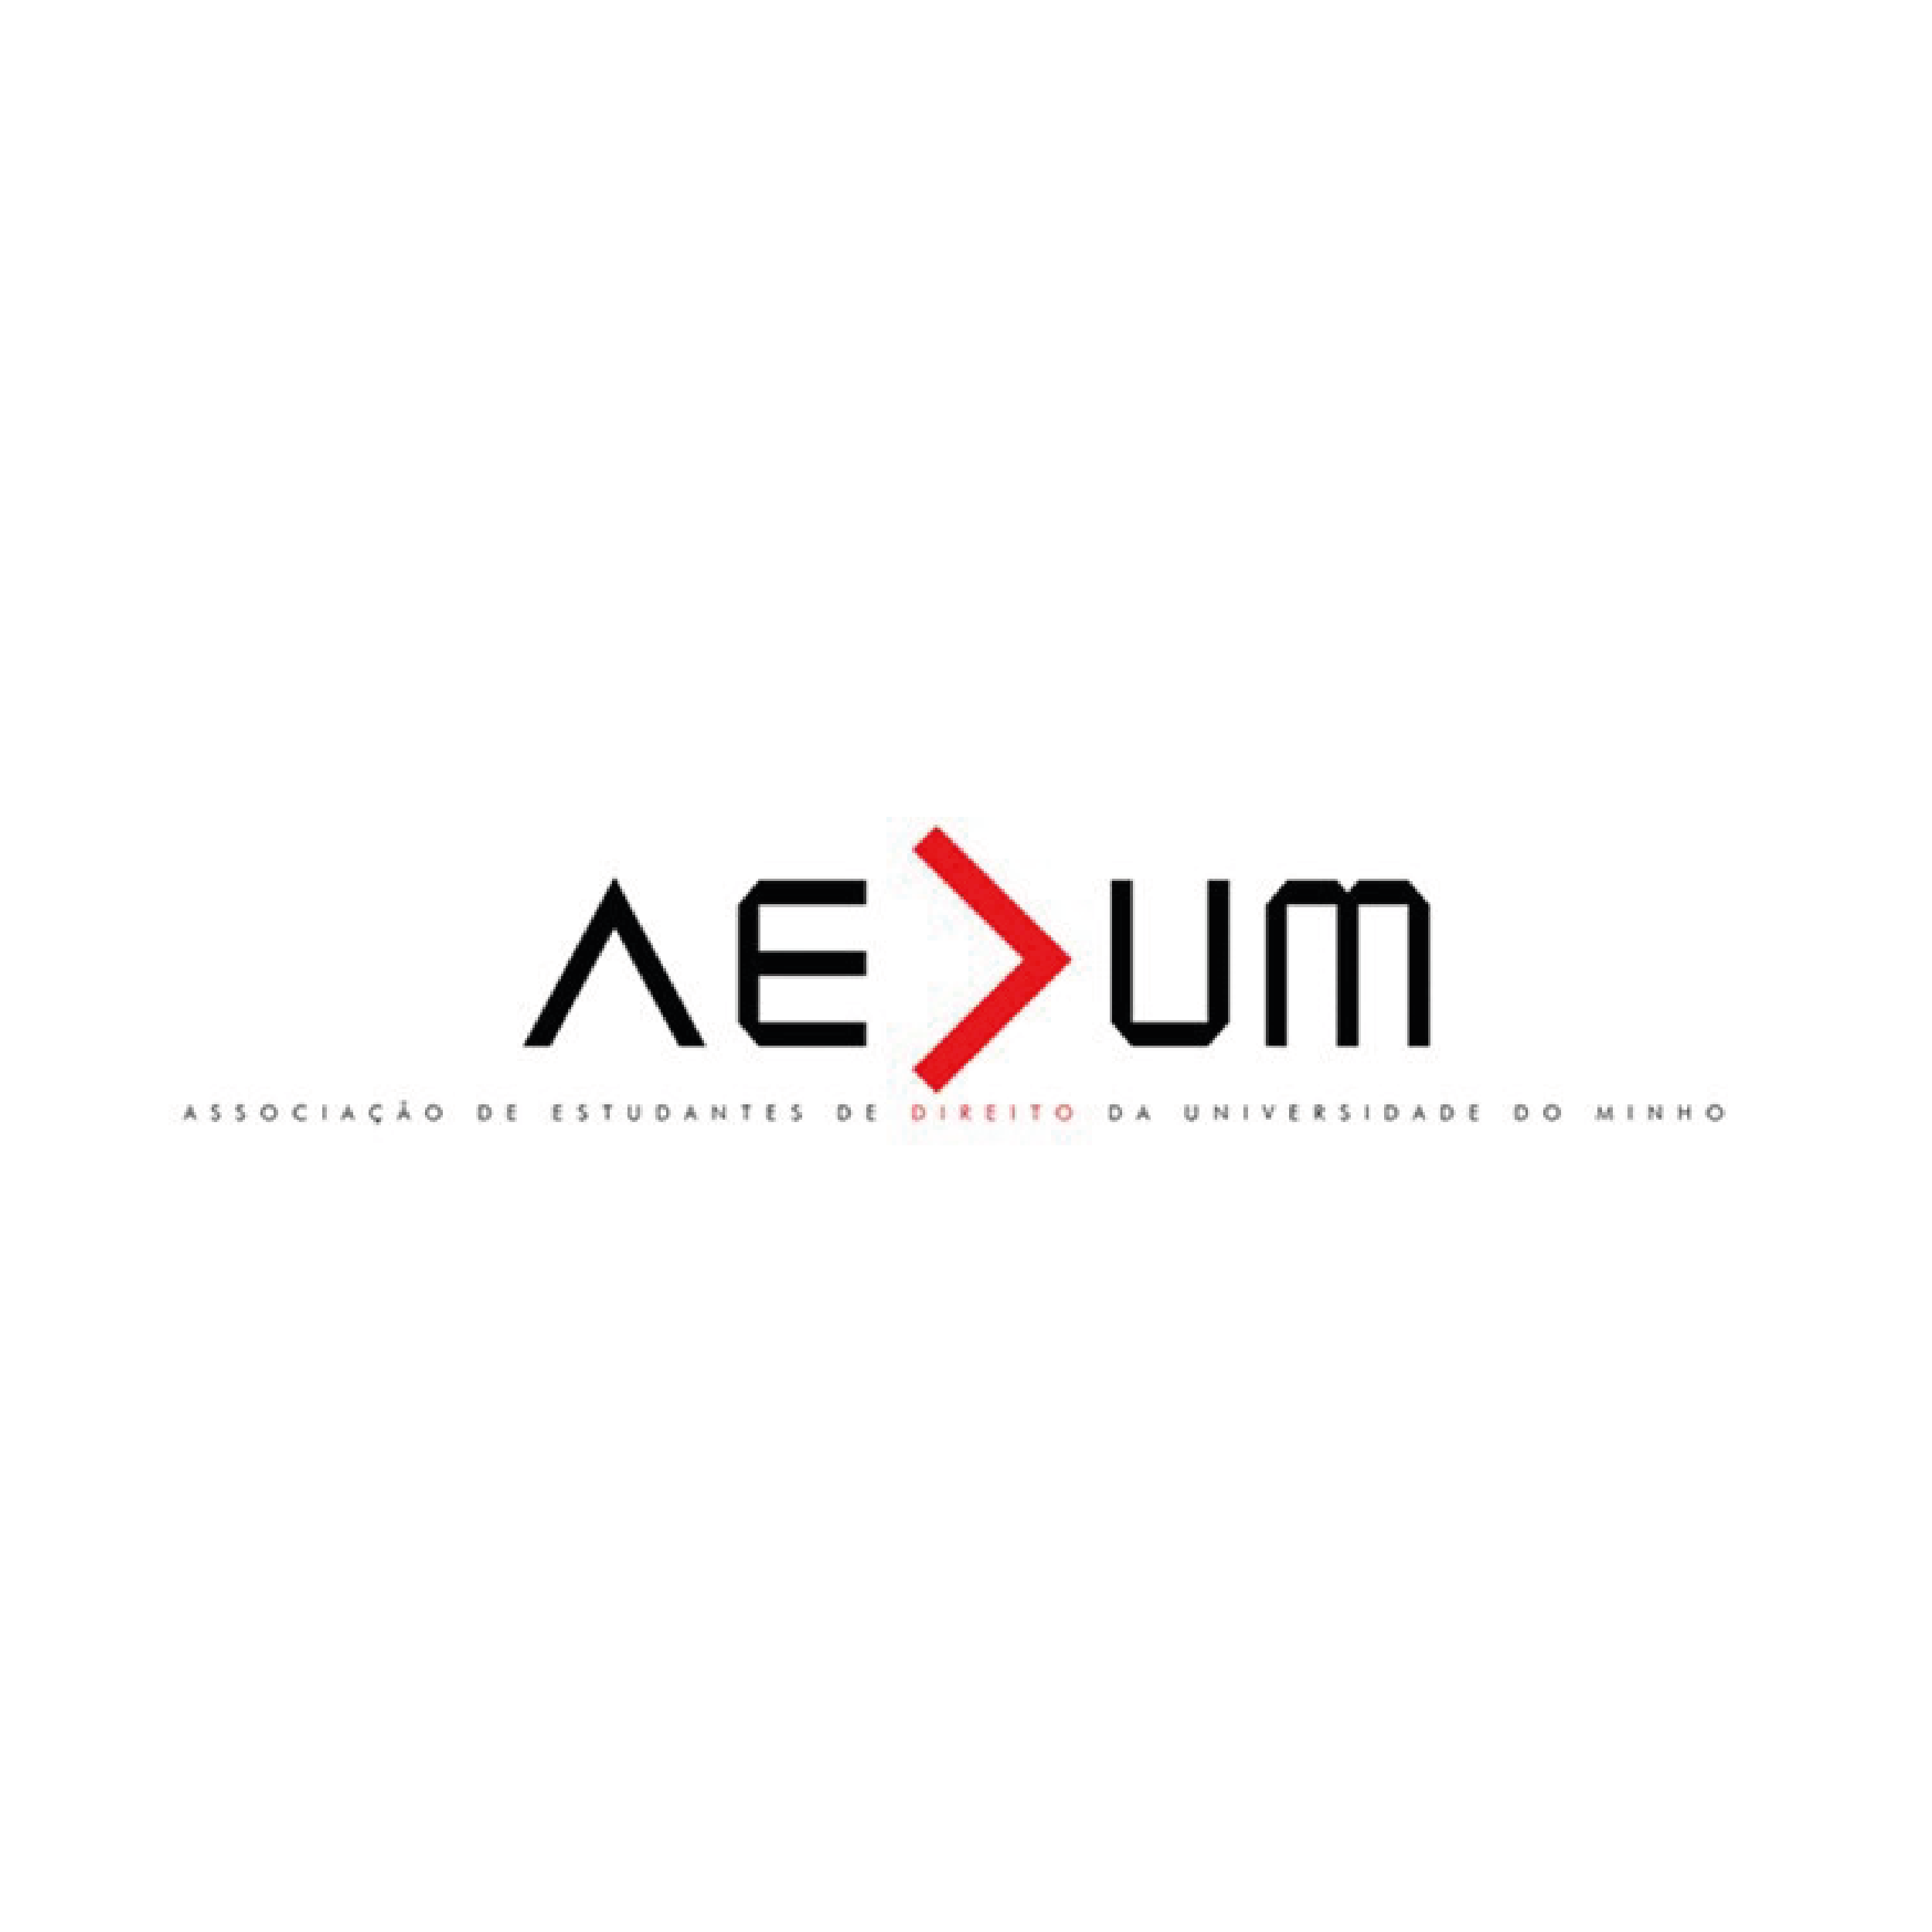 aedum-01